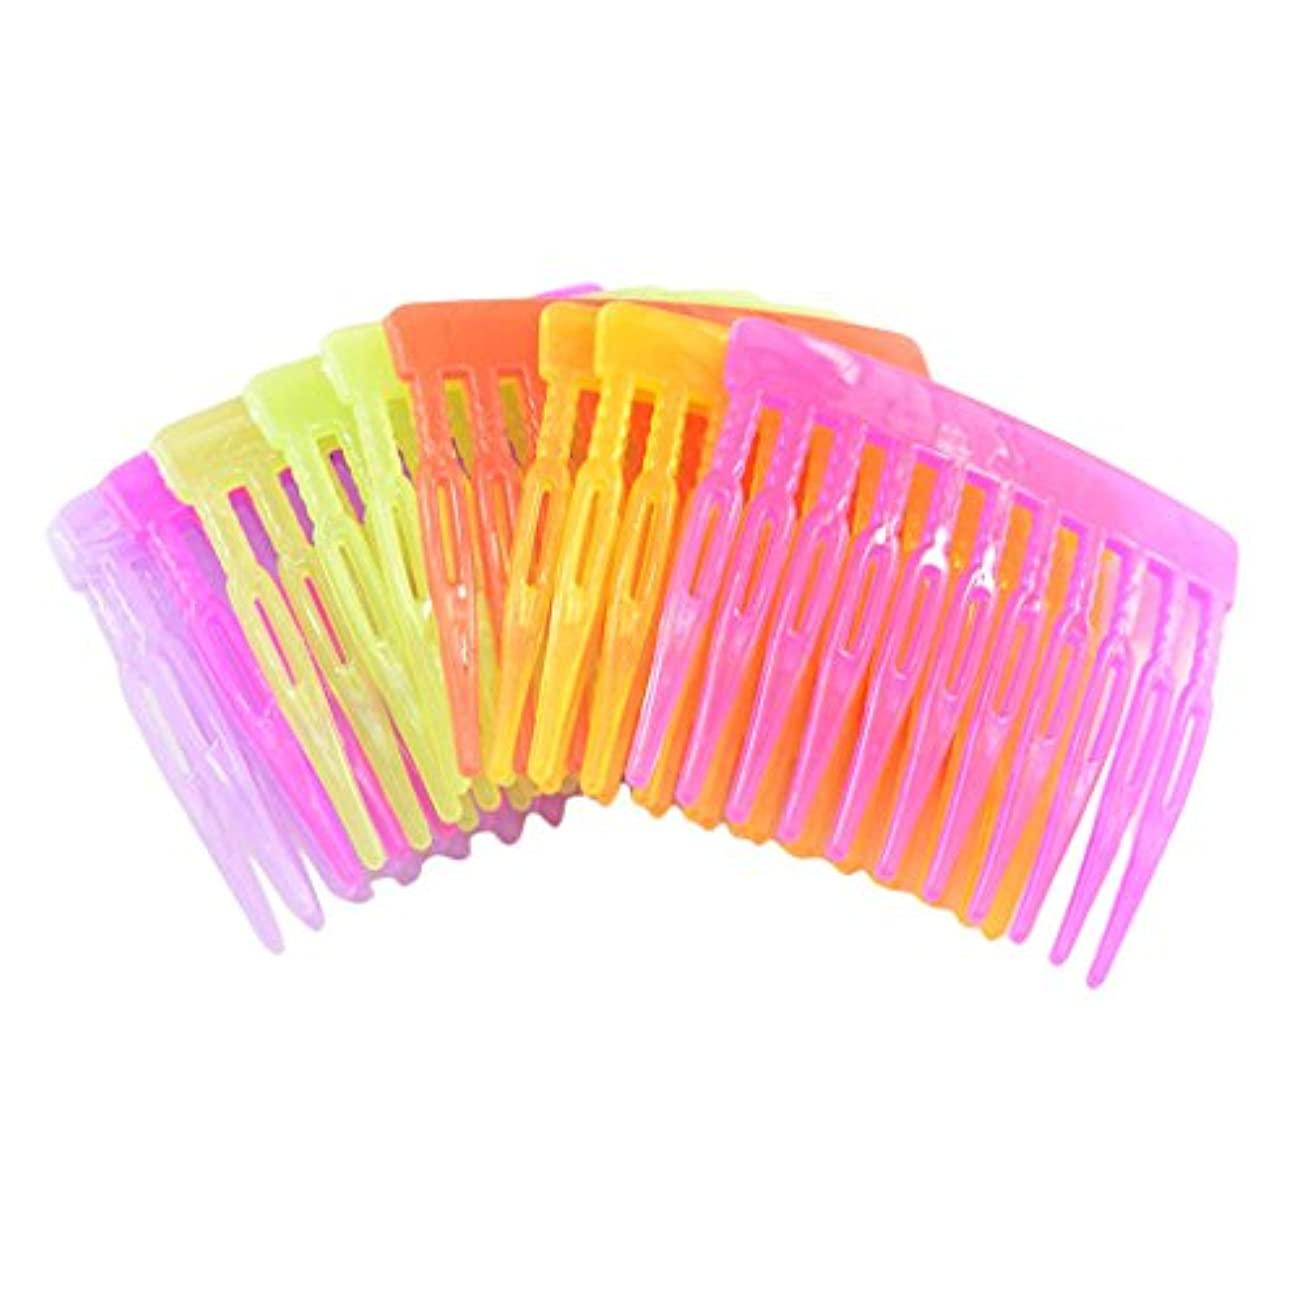 債権者パズル取得Baosity 23歯付き 可愛い ヘアクリップ エレガント プラスチック製 櫛